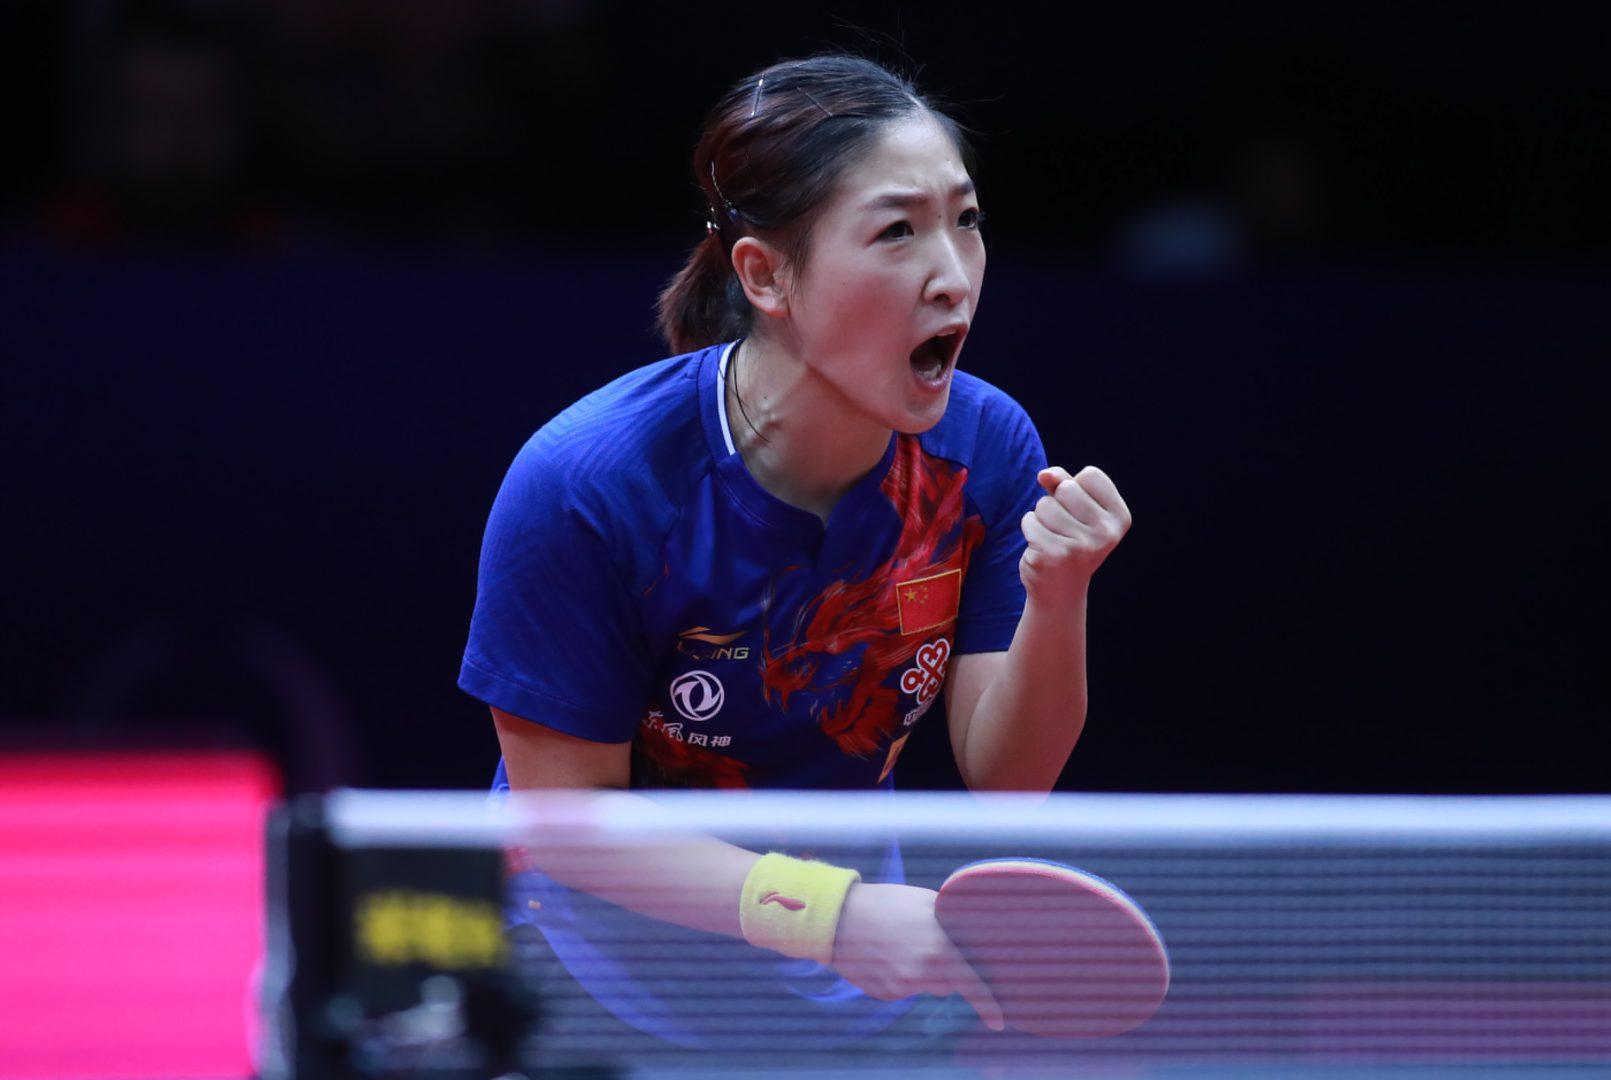 【今週の日本の卓球】劉詩雯、4年ぶりの優勝 2019女子ワールドカップ全日程終了